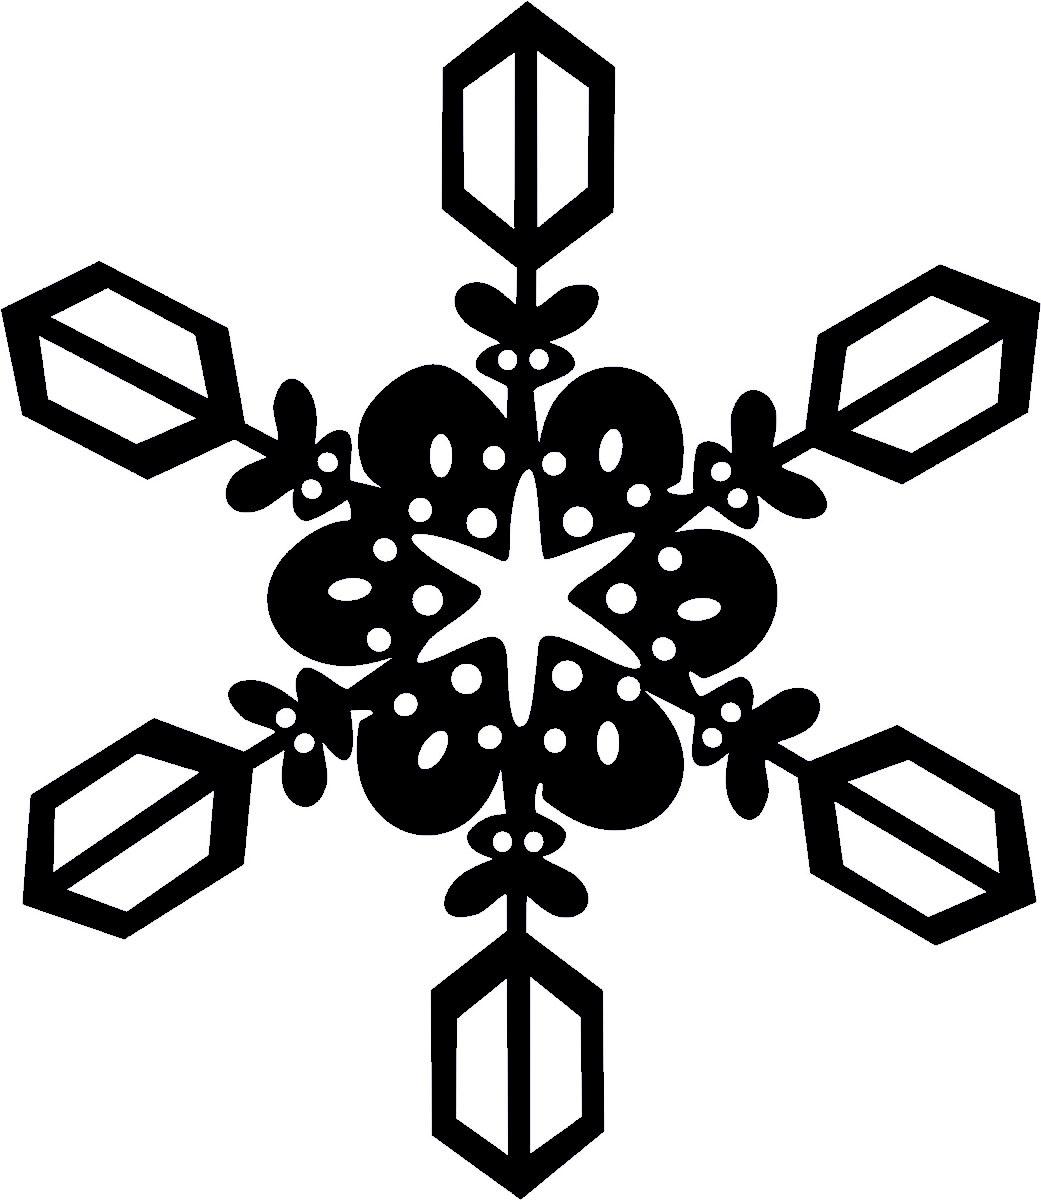 Фото - Наклейка ОранжевыйСлоник виниловая Снежинка4 для авто или интерьера, Винил авто